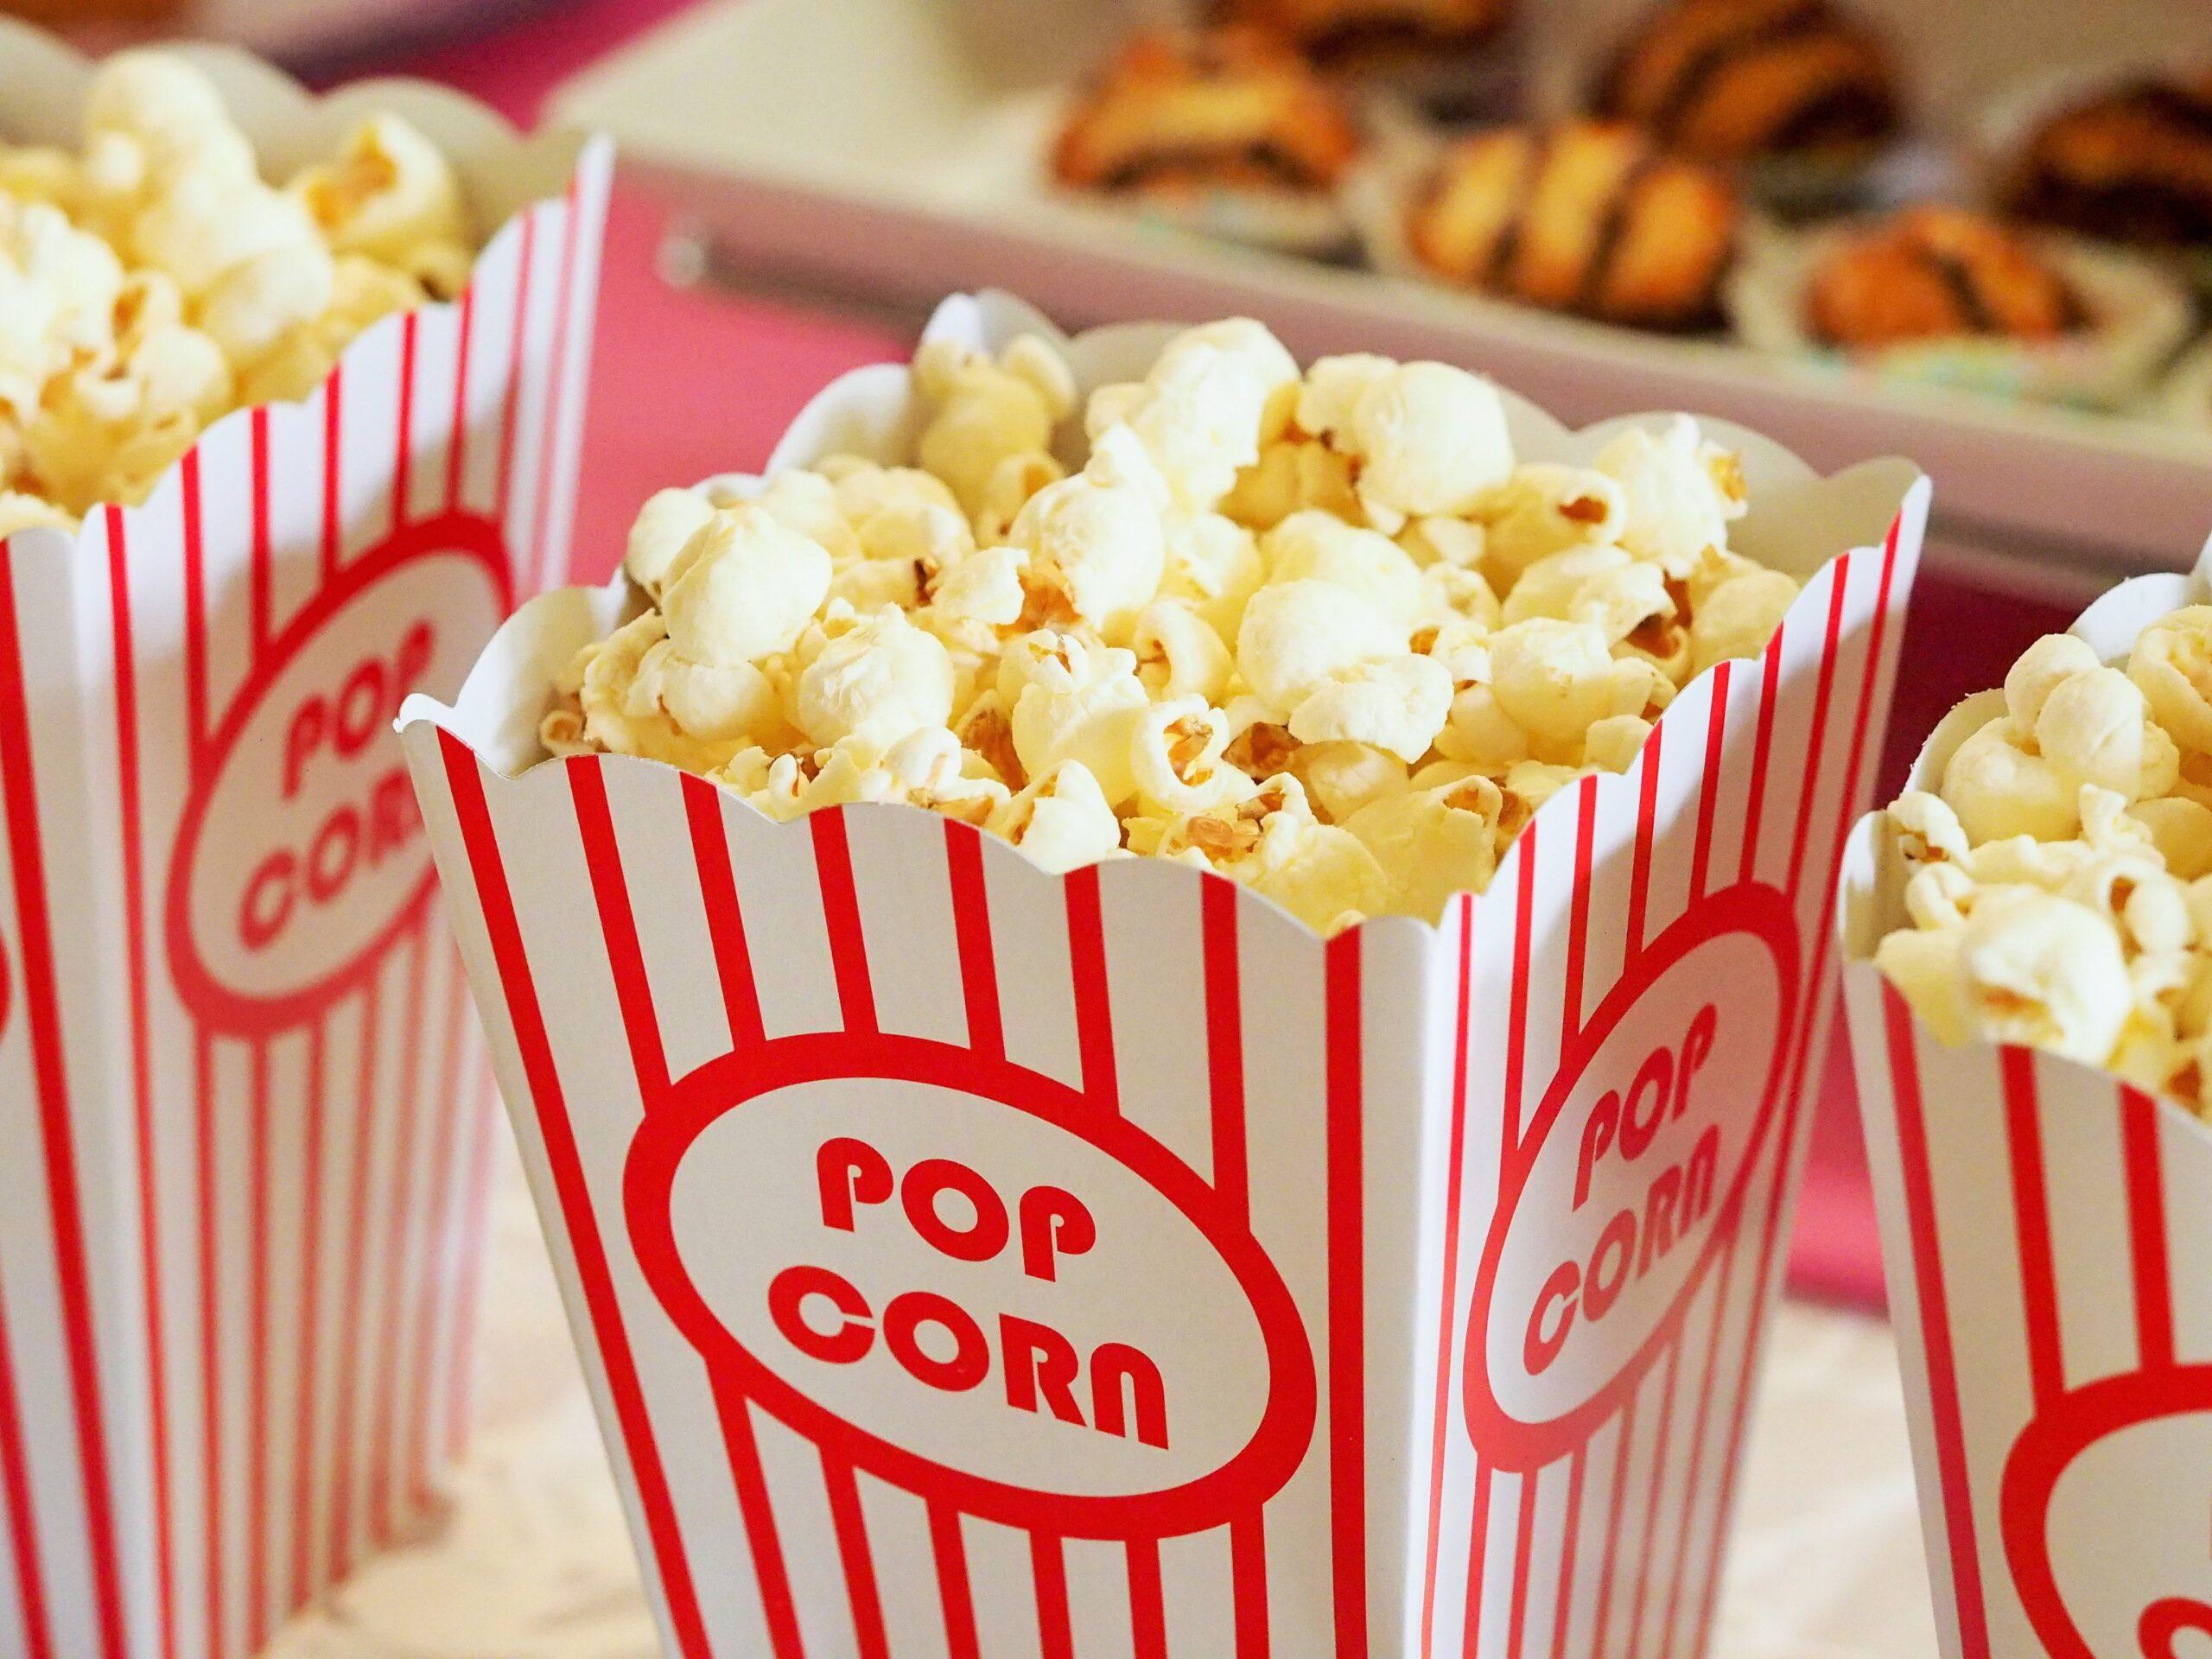 Palomitas para ver estrenos en el cine